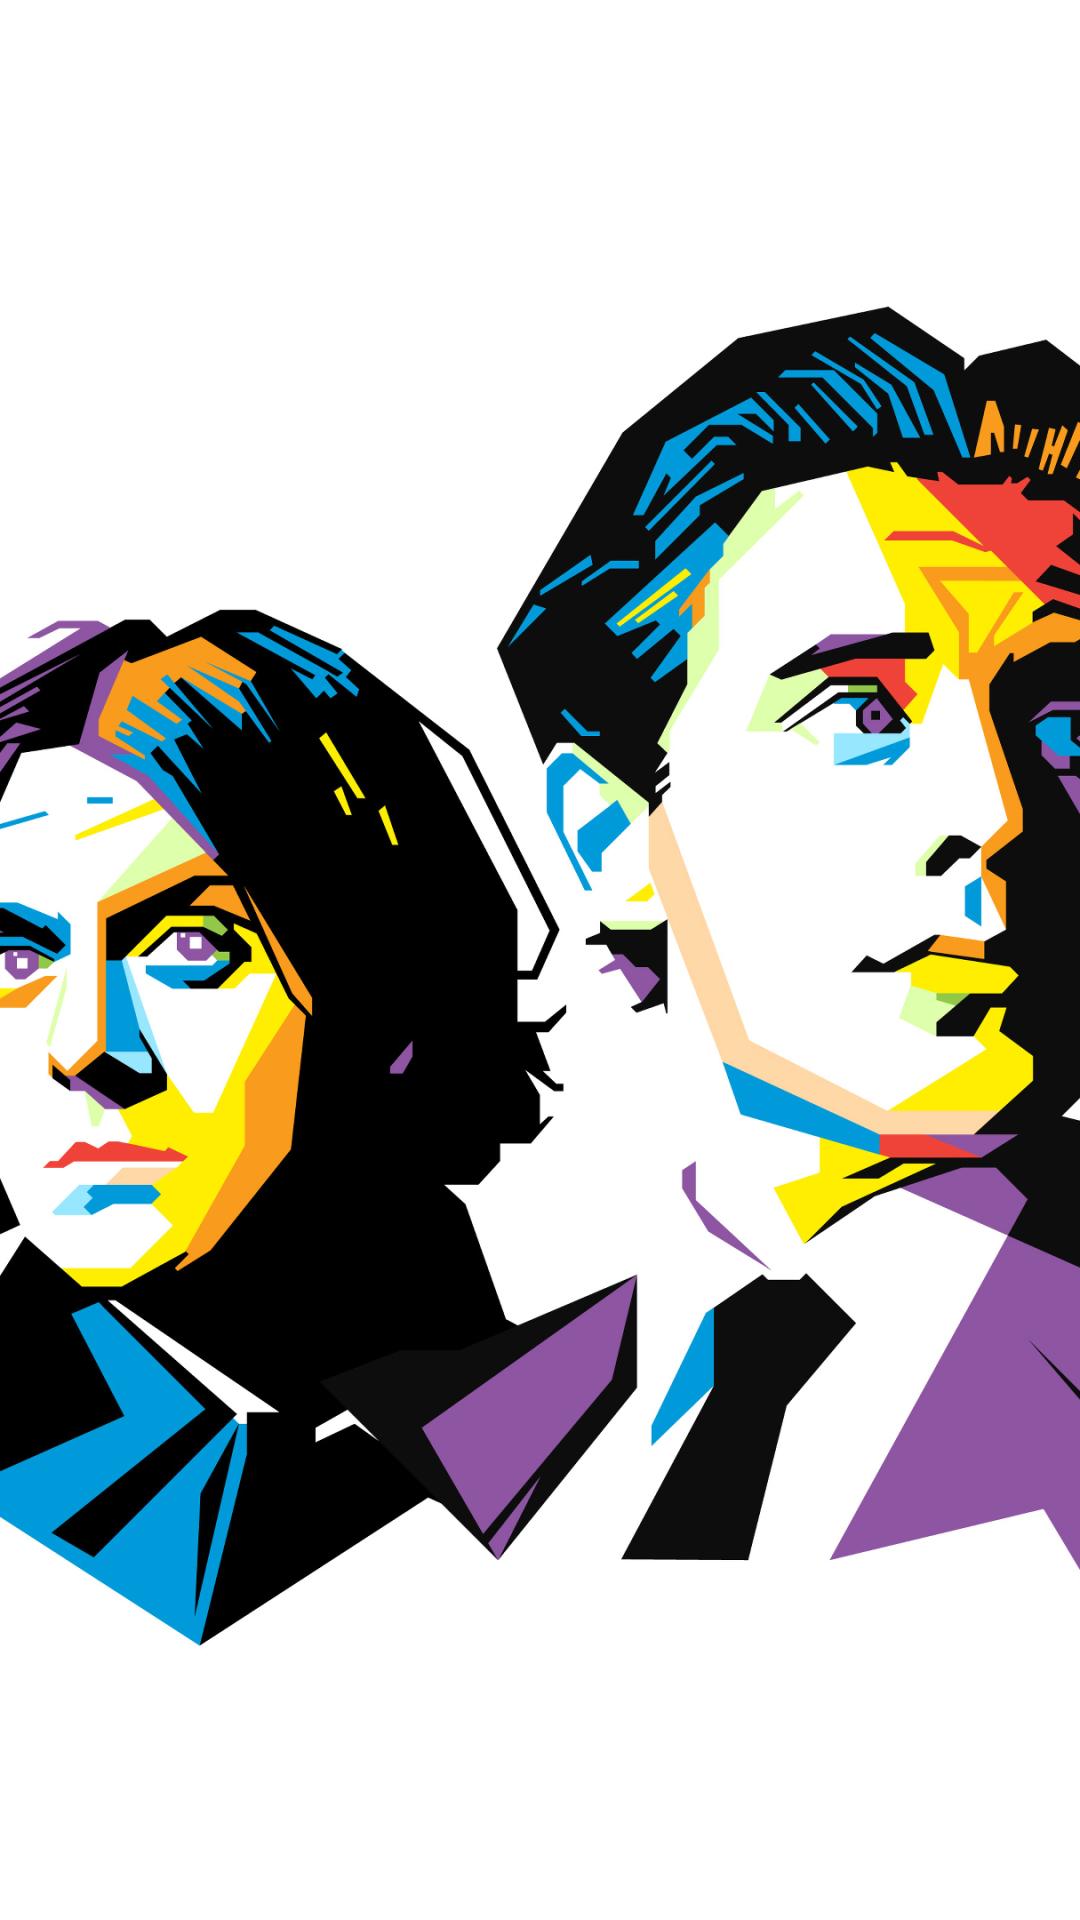 Amazing Wallpaper Music Portrait - 584026  Snapshot_407437.jpg